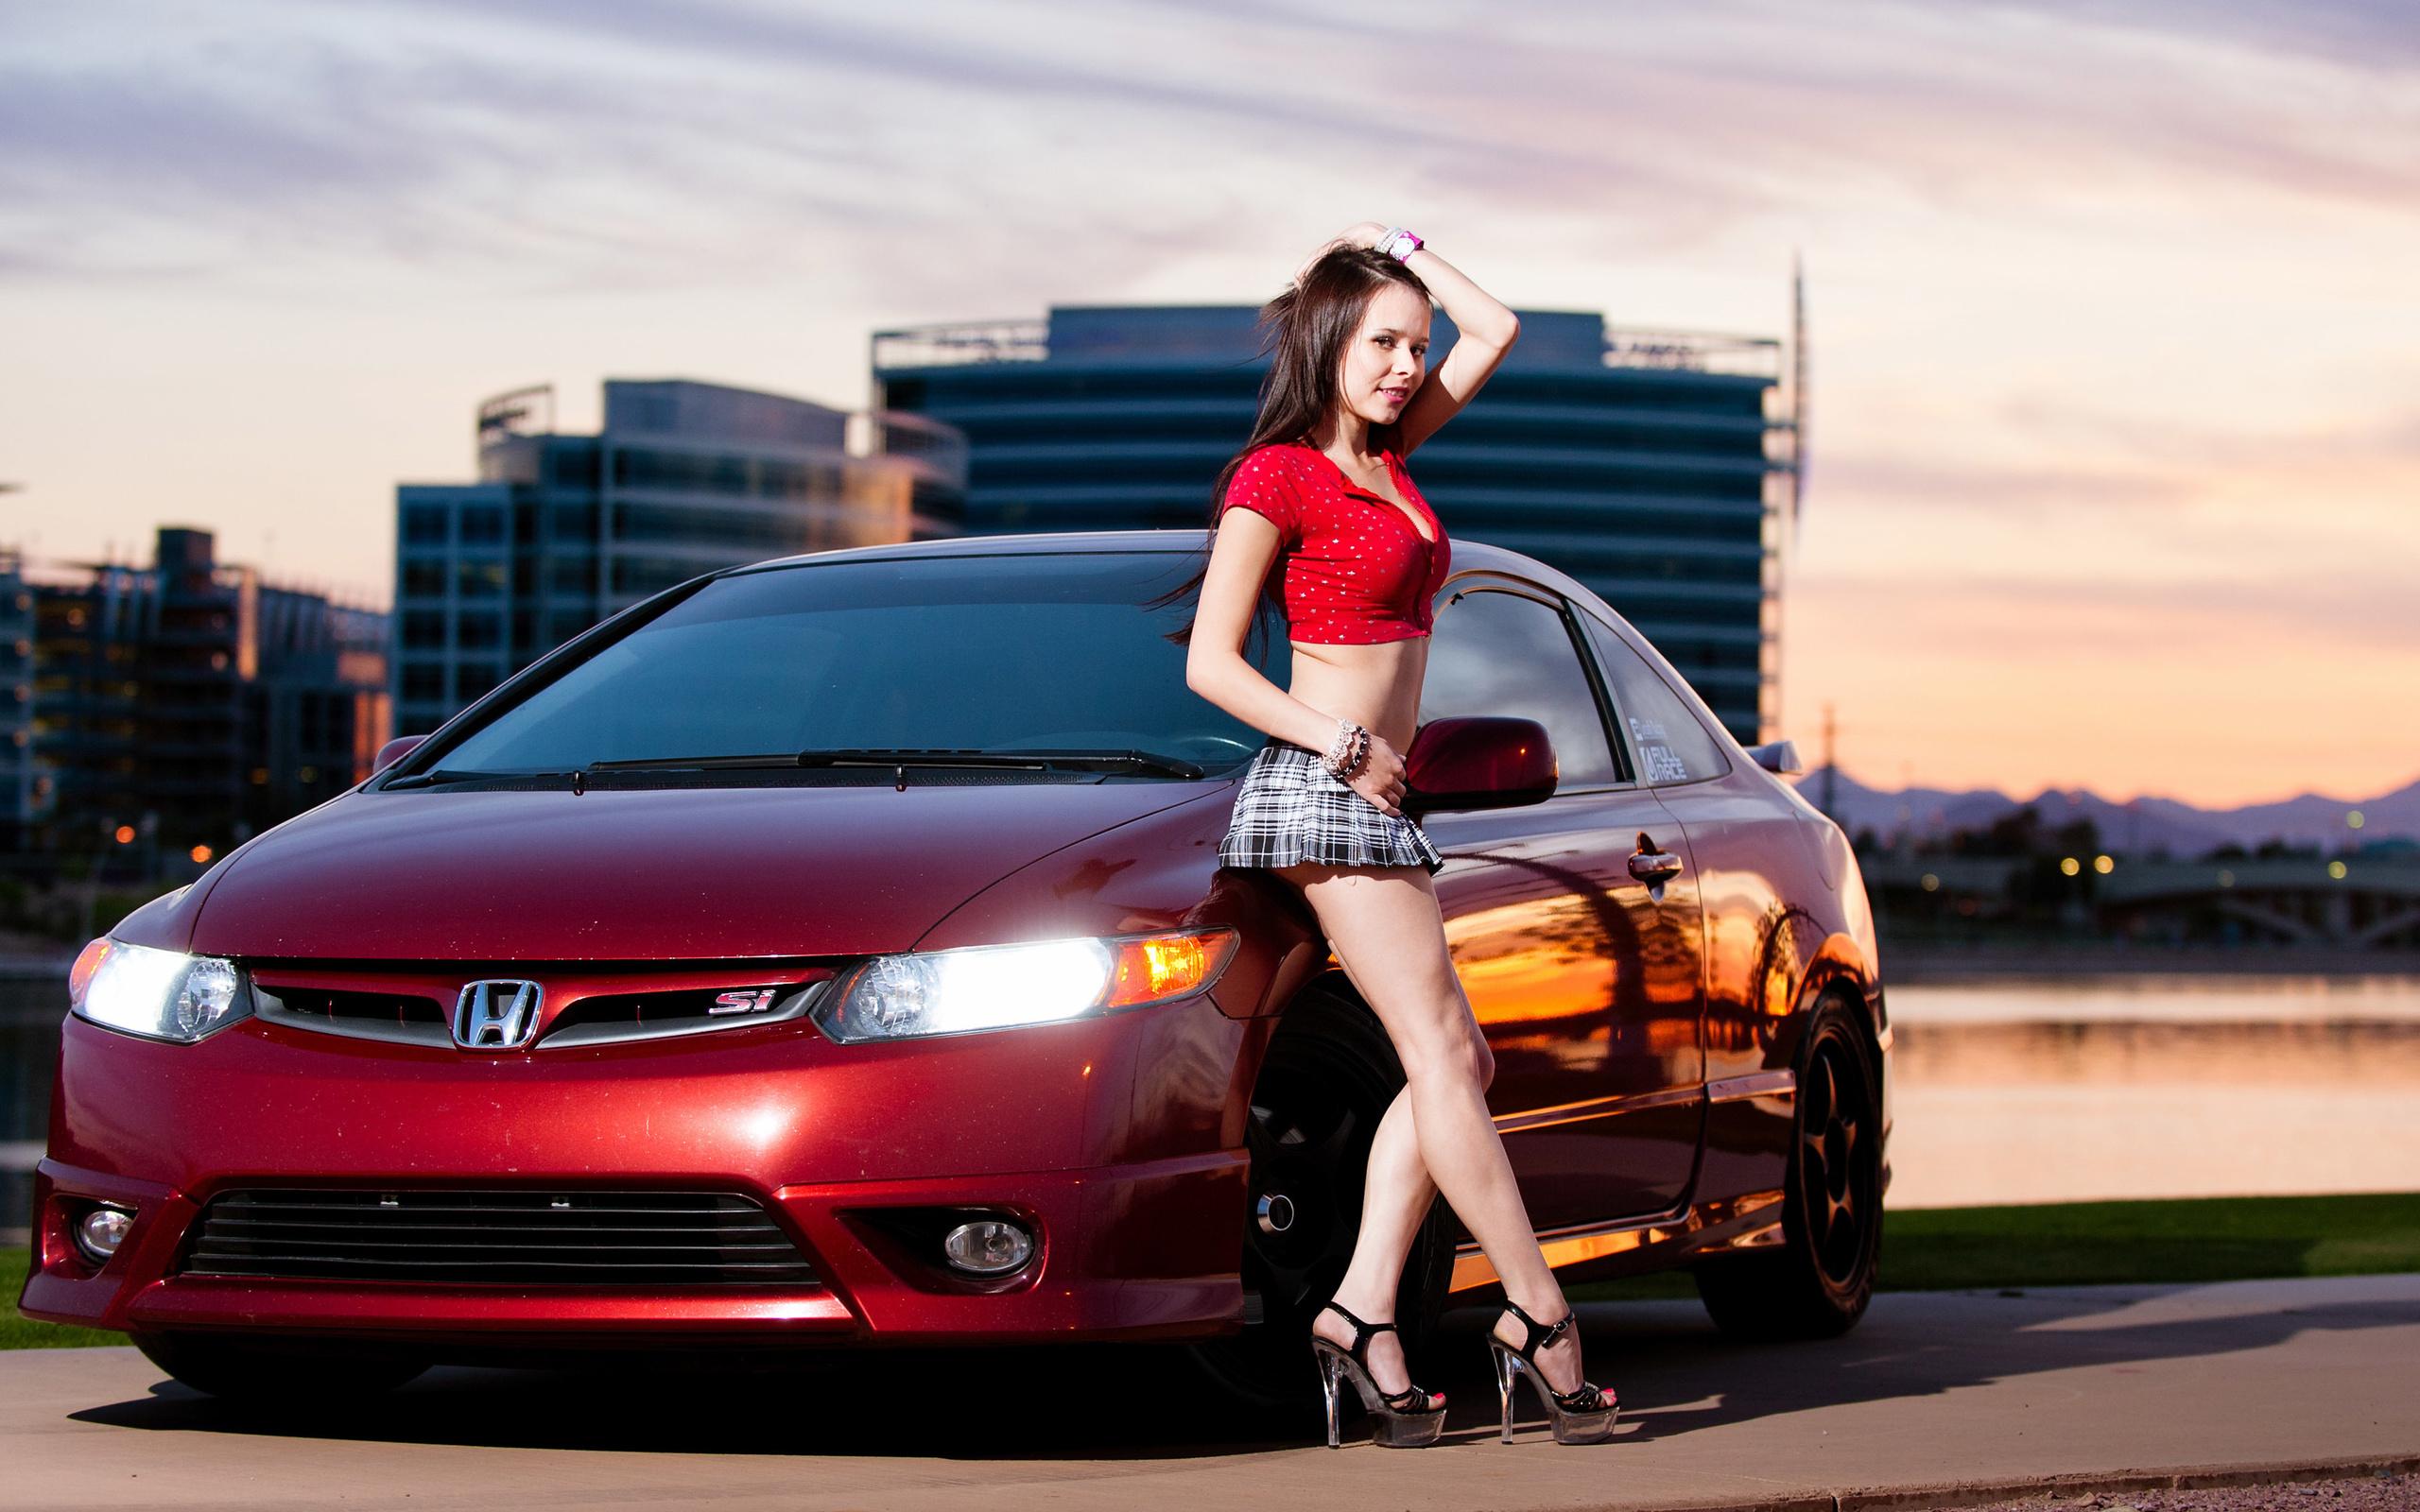 фото красивых девчат на авто смотрела сына, сын